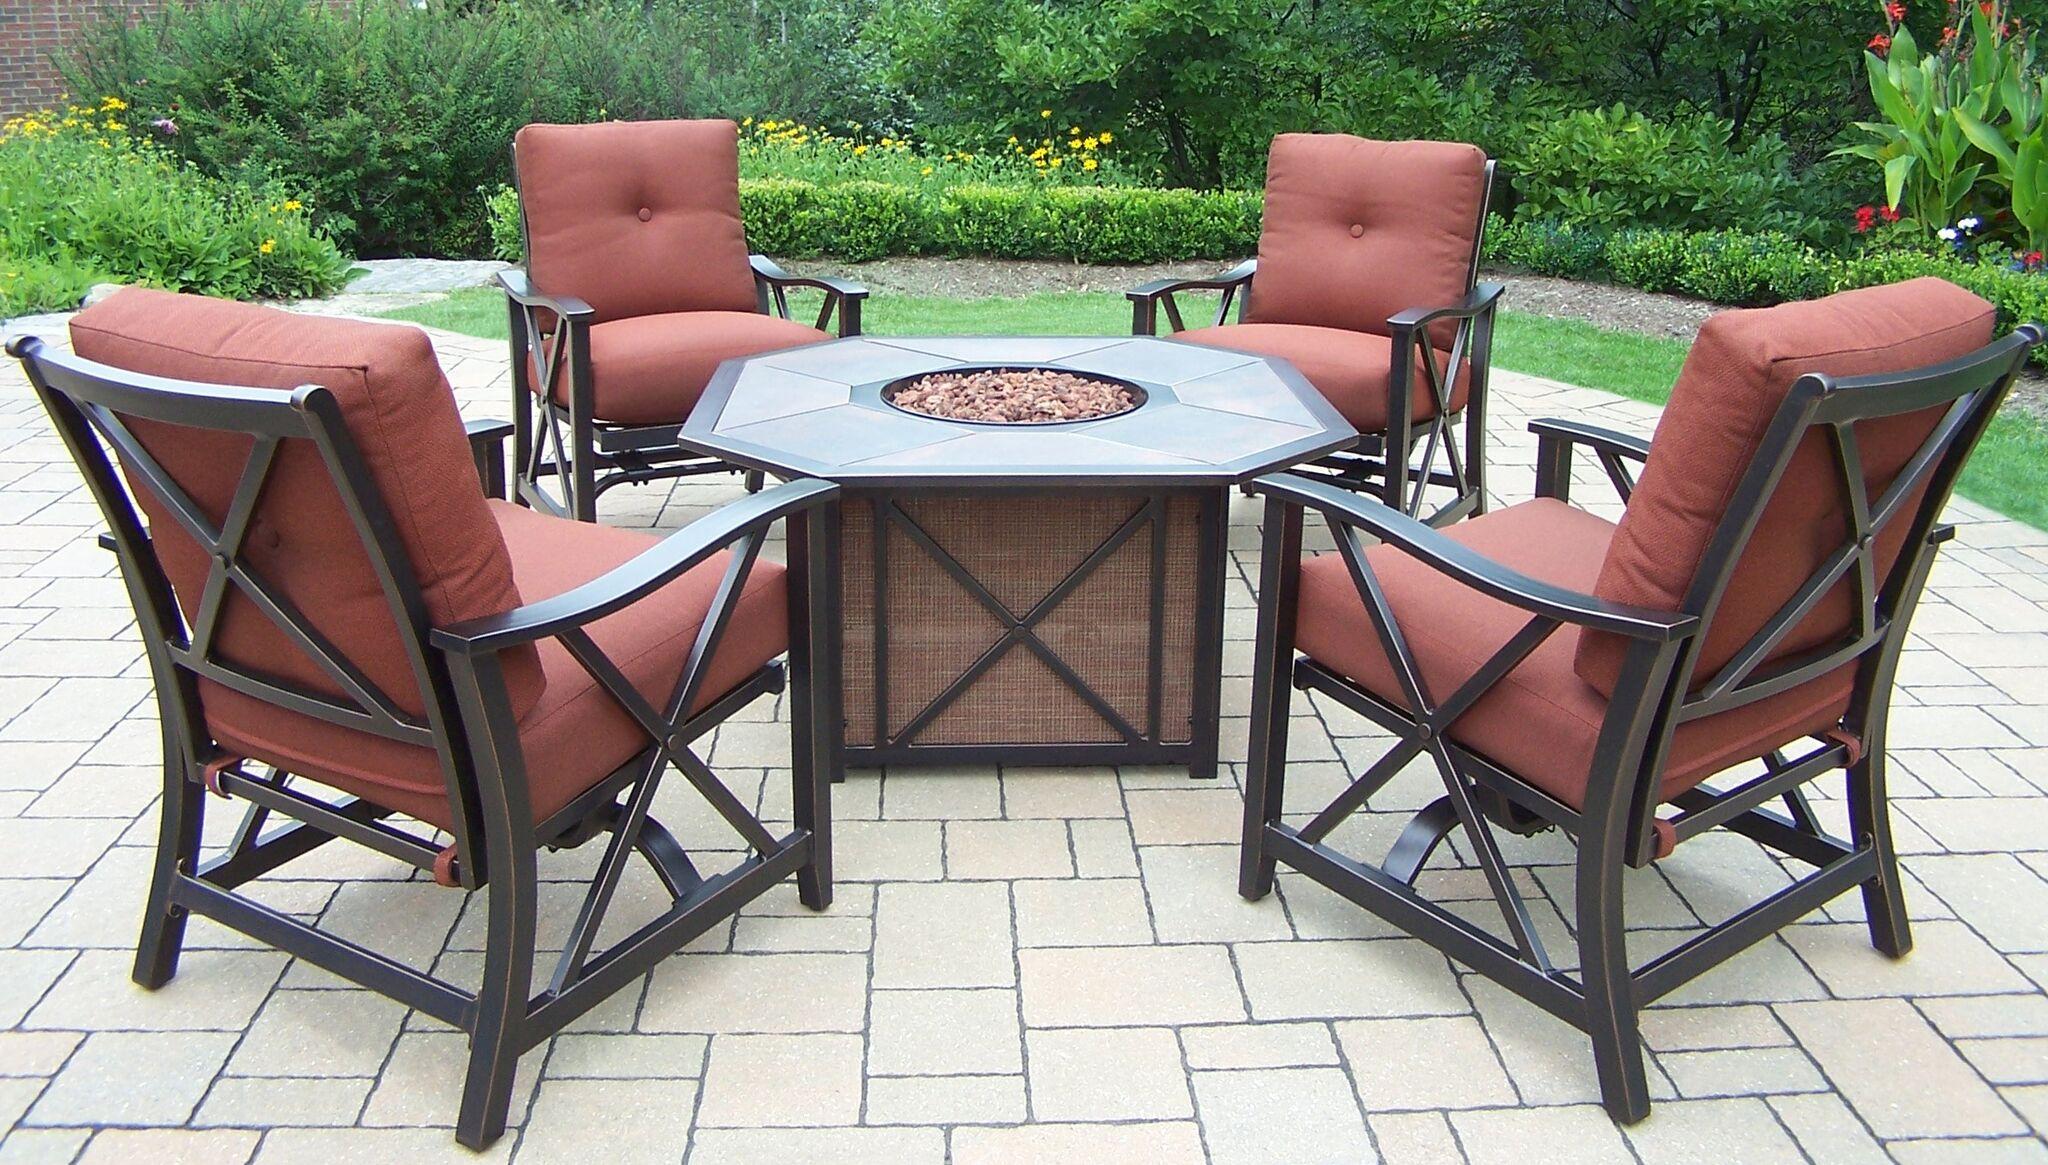 5-piece brown aluminum outdoor